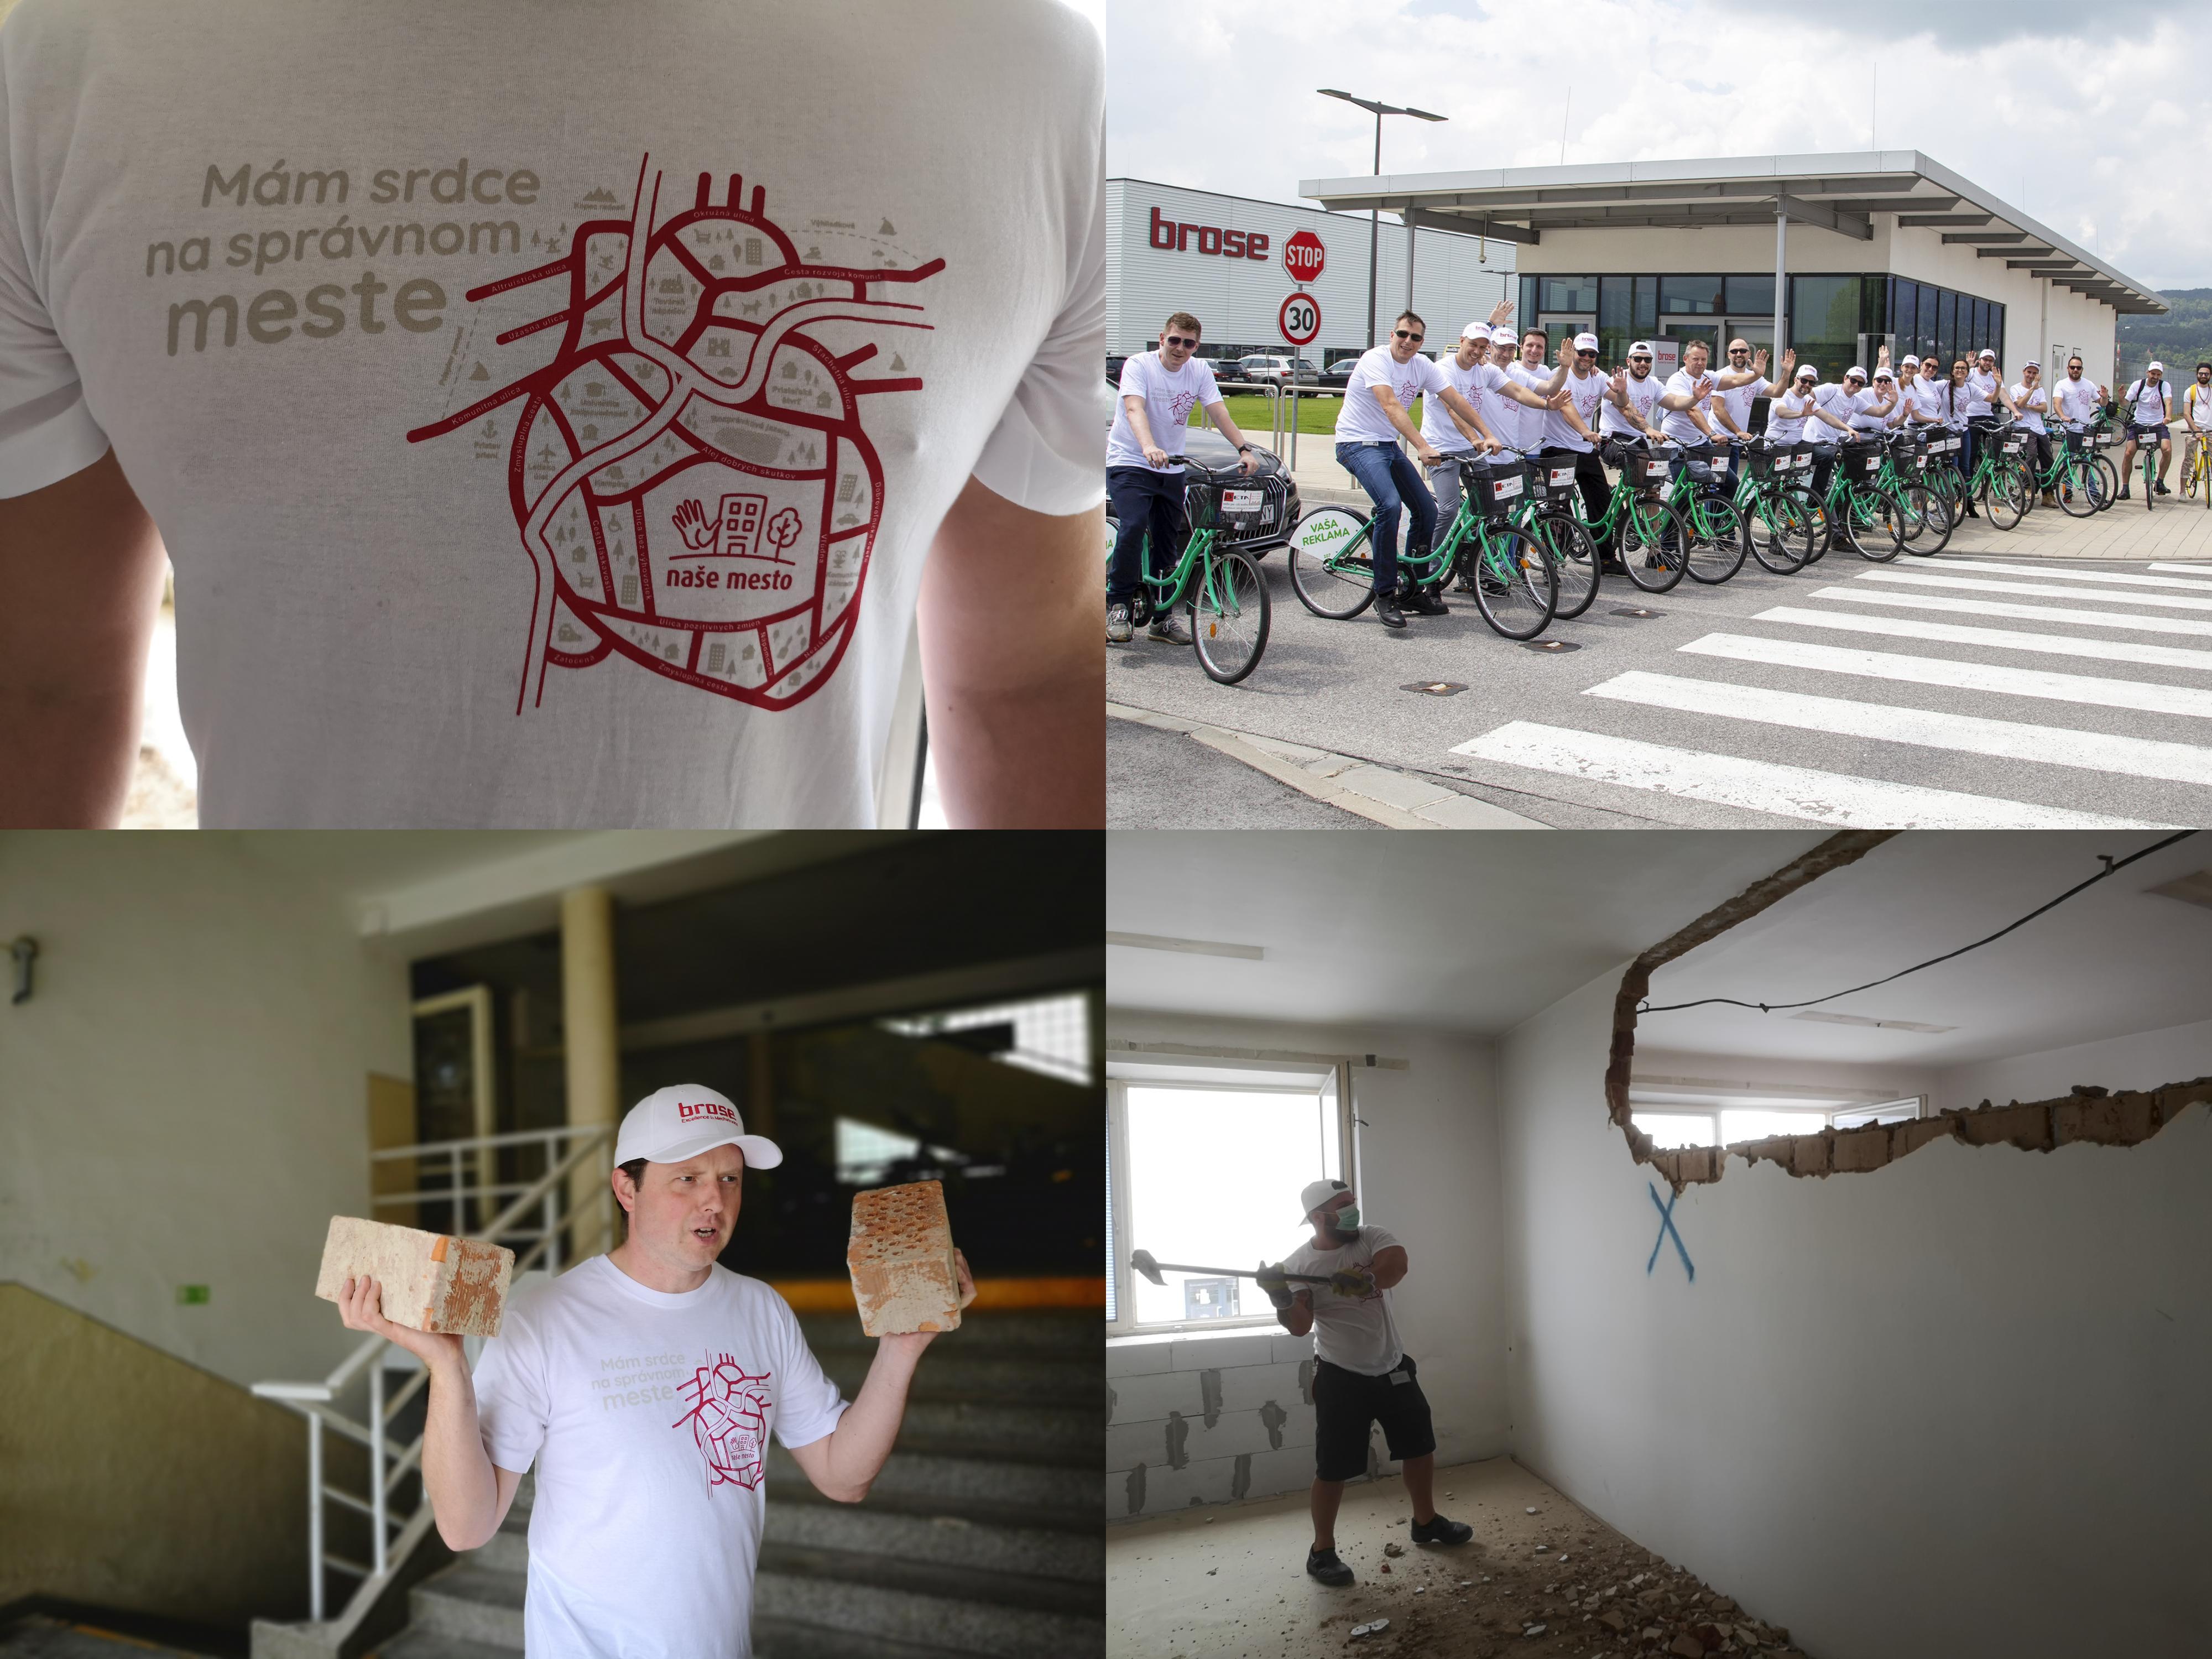 Foto: Firma Brose sa zapojila do týždňa dobrovoľníctva v Galérii Jabloň. Možno vďaka ním otvoria skôr